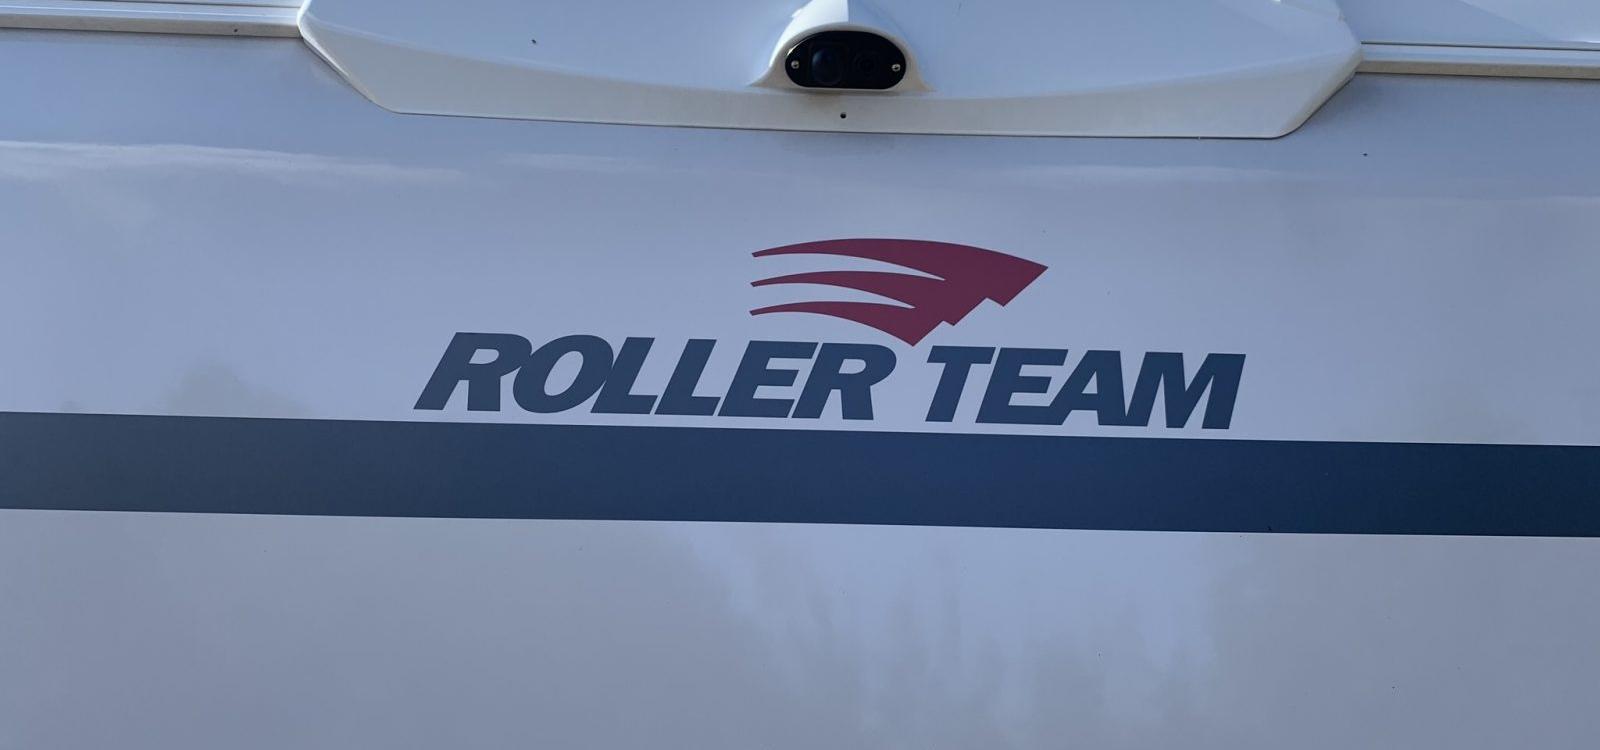 Venus - Rollerteam 696